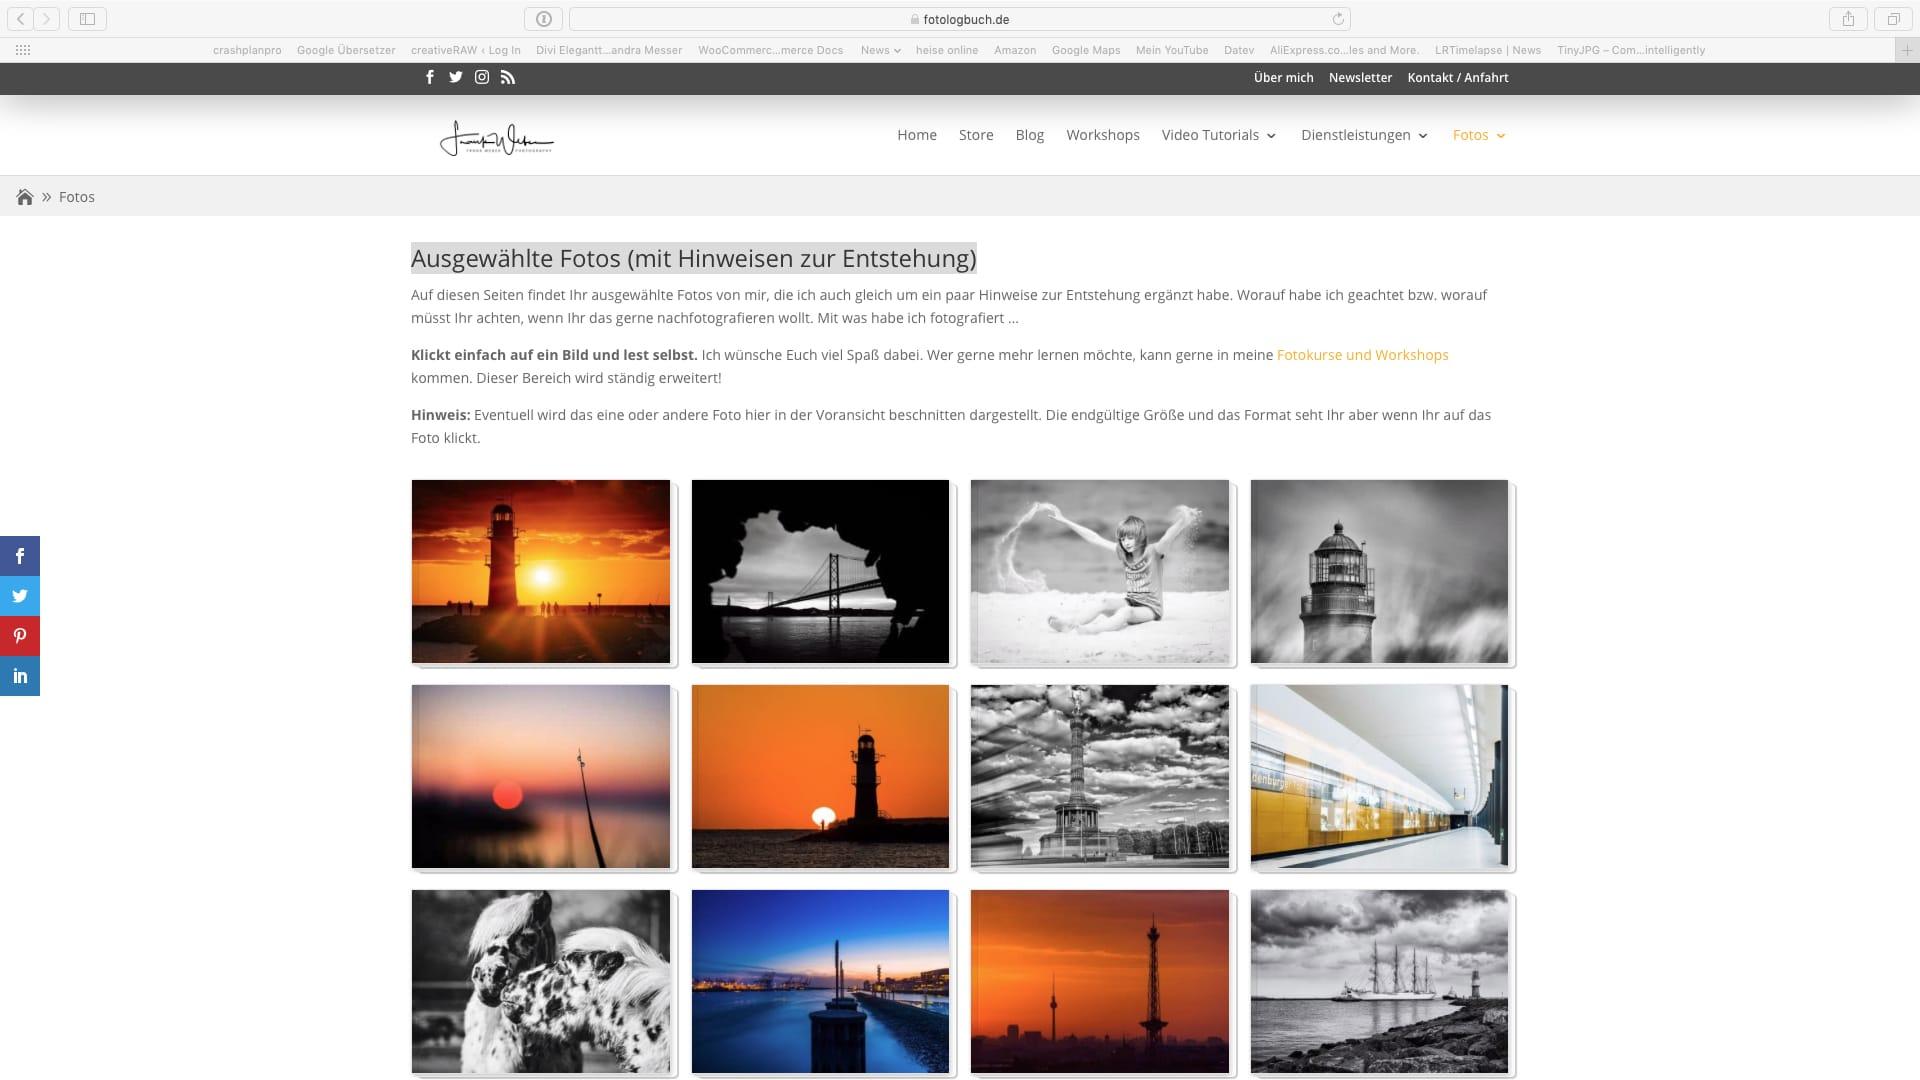 Neuer Bereich auf Fotologbuch.de – Ausgewählte Fotos (mit Hinweisen zur Entstehung)